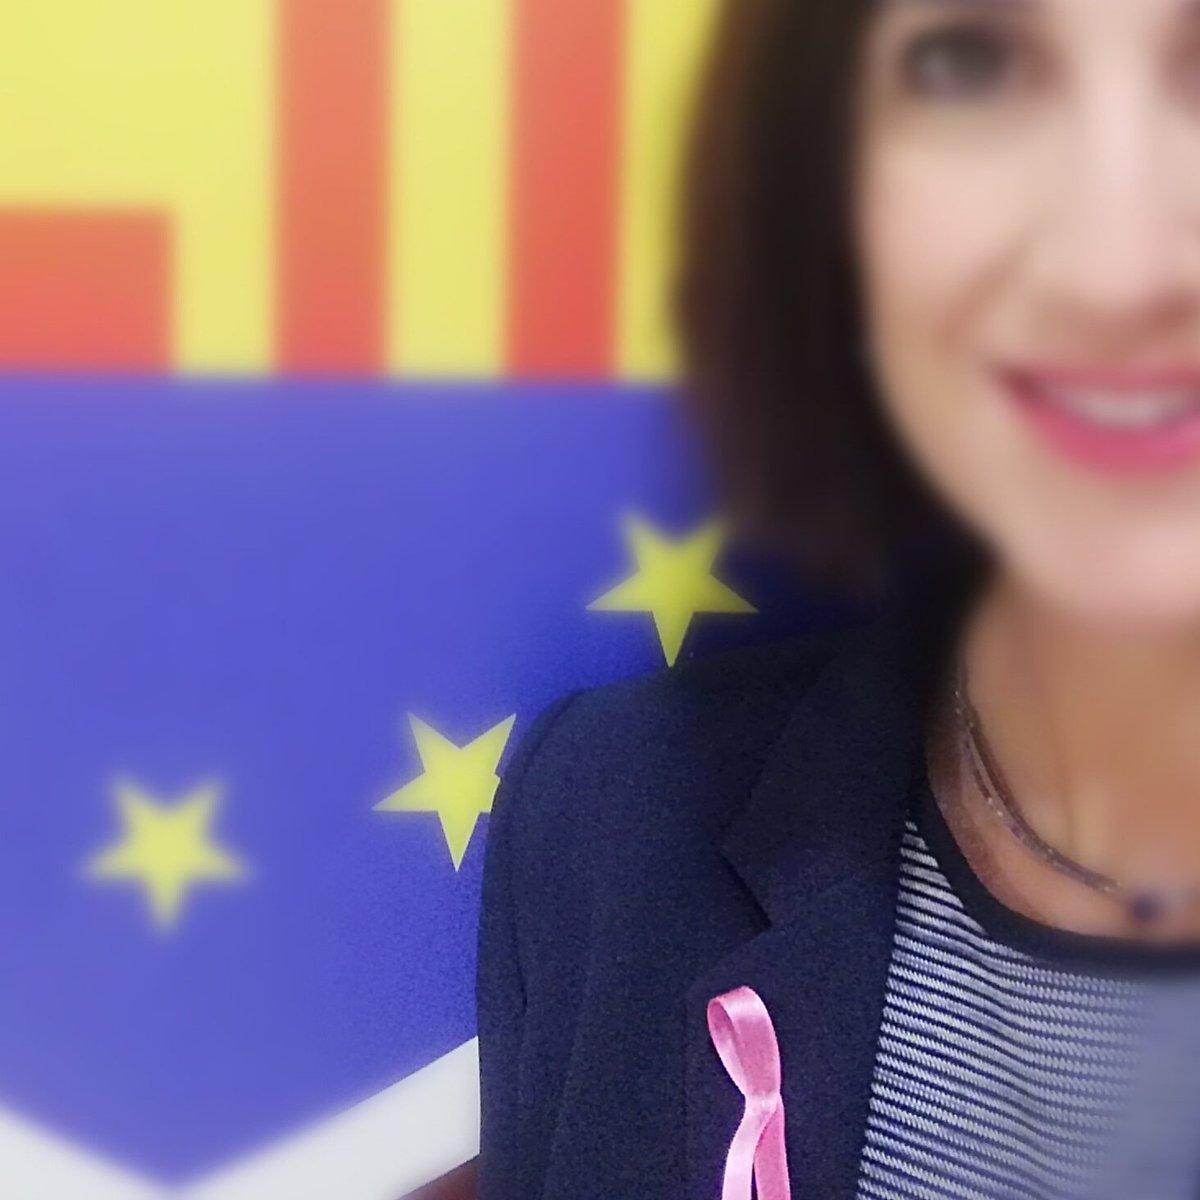 Hoy, de rosa 🎀 Por todas ellas #DiaMundialCancerDeMama #SumateAlRosa @aecc_es